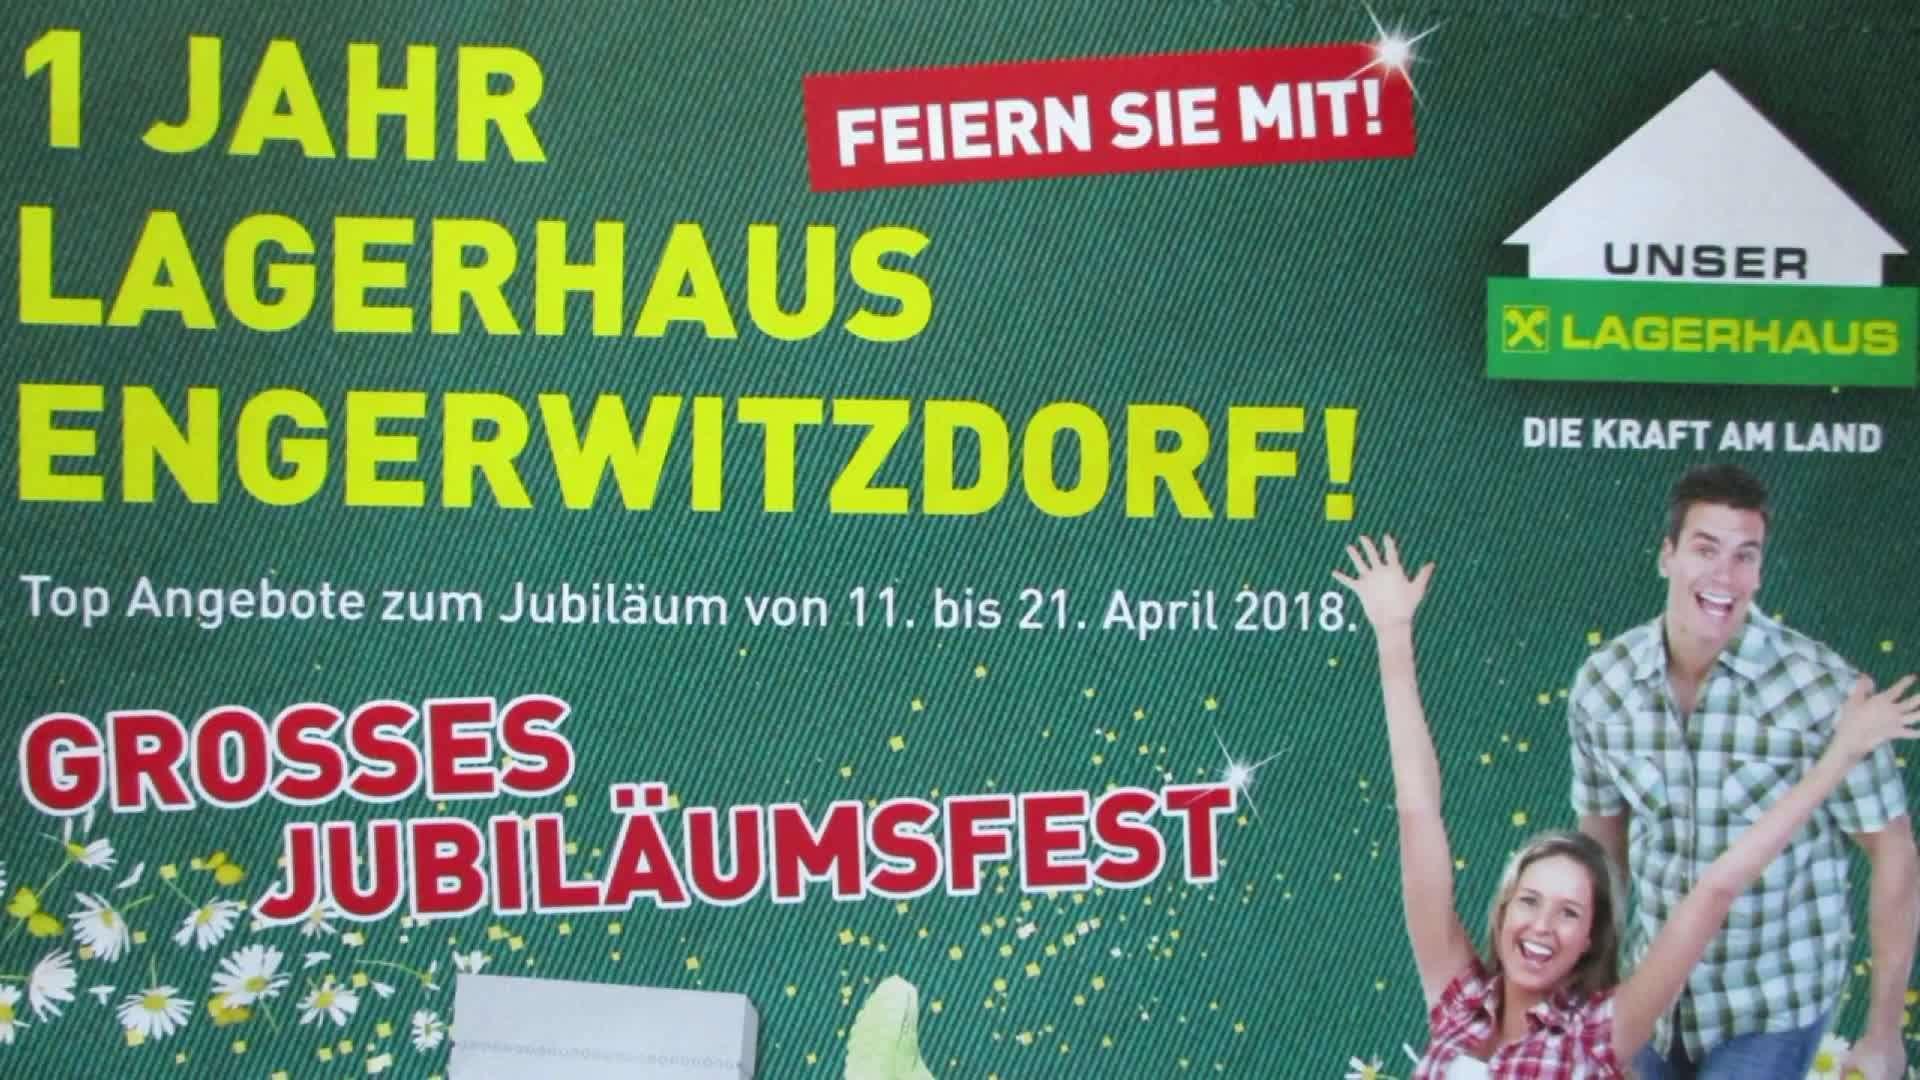 Ein Jahr - Lagerhaus in Engerwitzdorf!